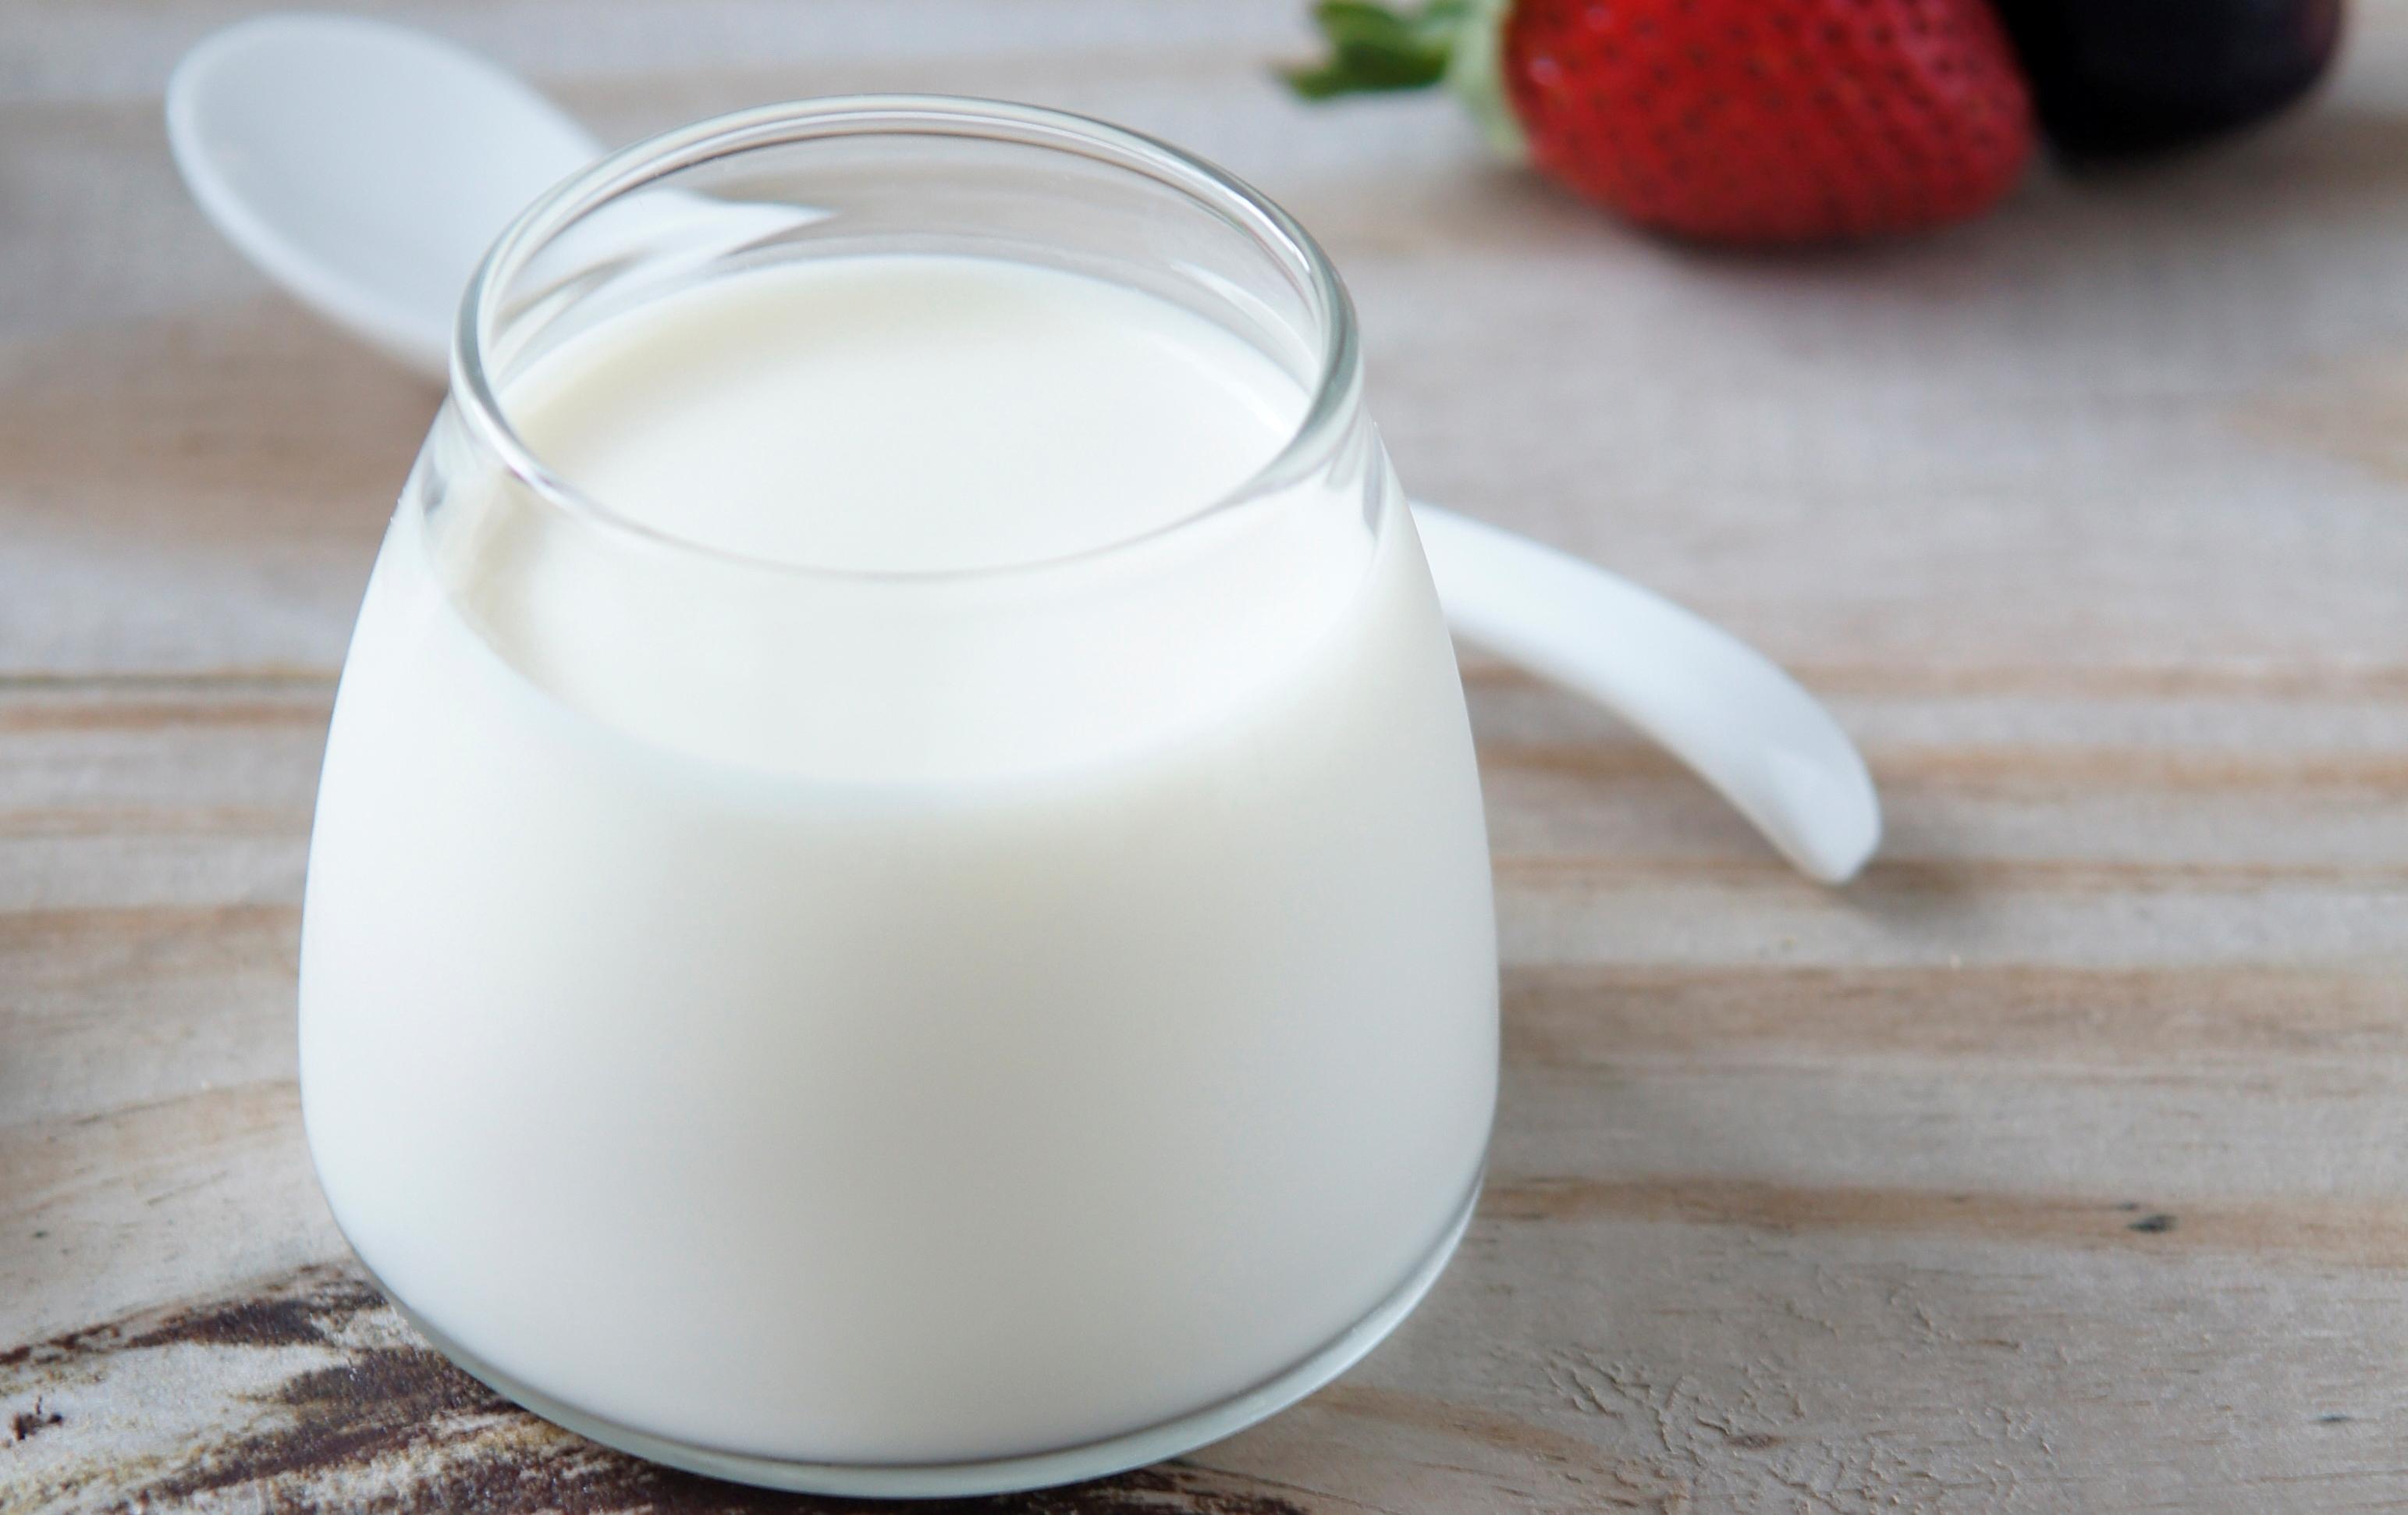 картинка скисшего молока детали формирования